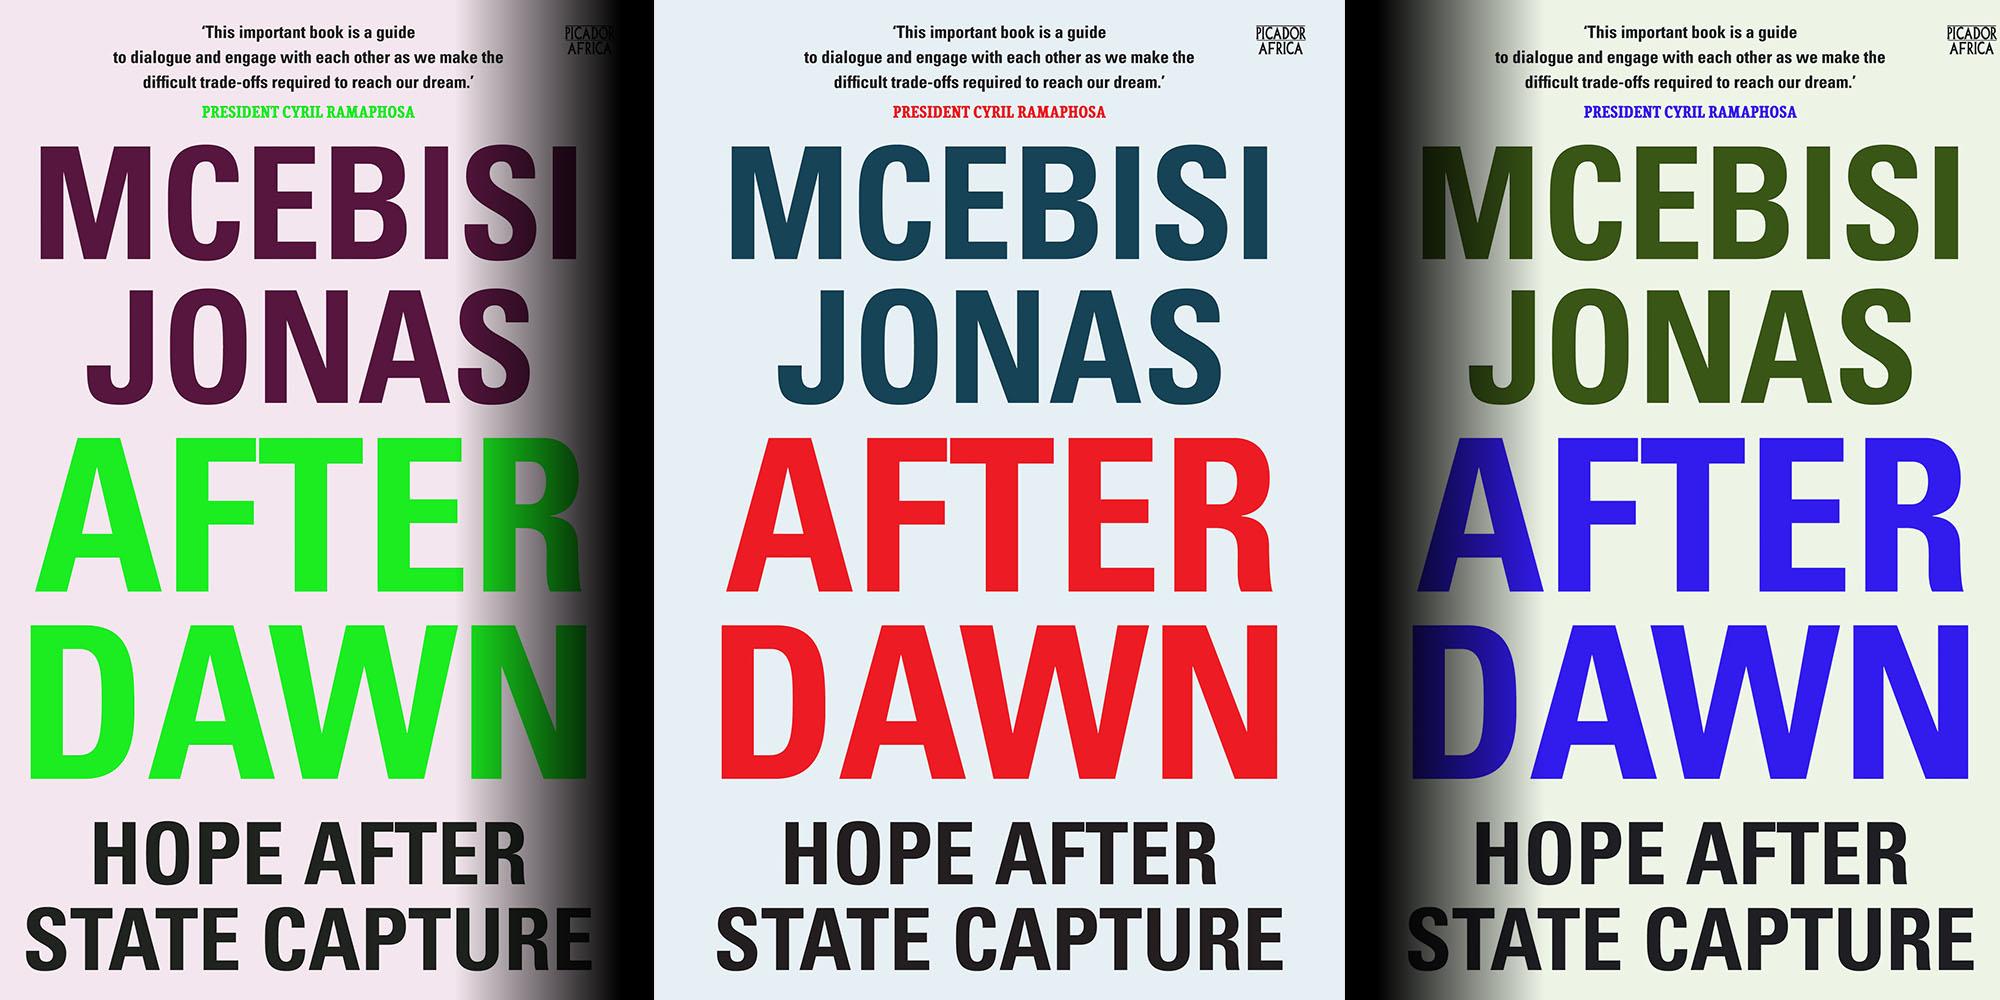 BOEK UITTREKSEL: Mcebisi Jonas: Ons het 'n nuwe sosiale kompak nodig om die comeback te beveg deur plunderaars en huur-soekers - Daily Maverick